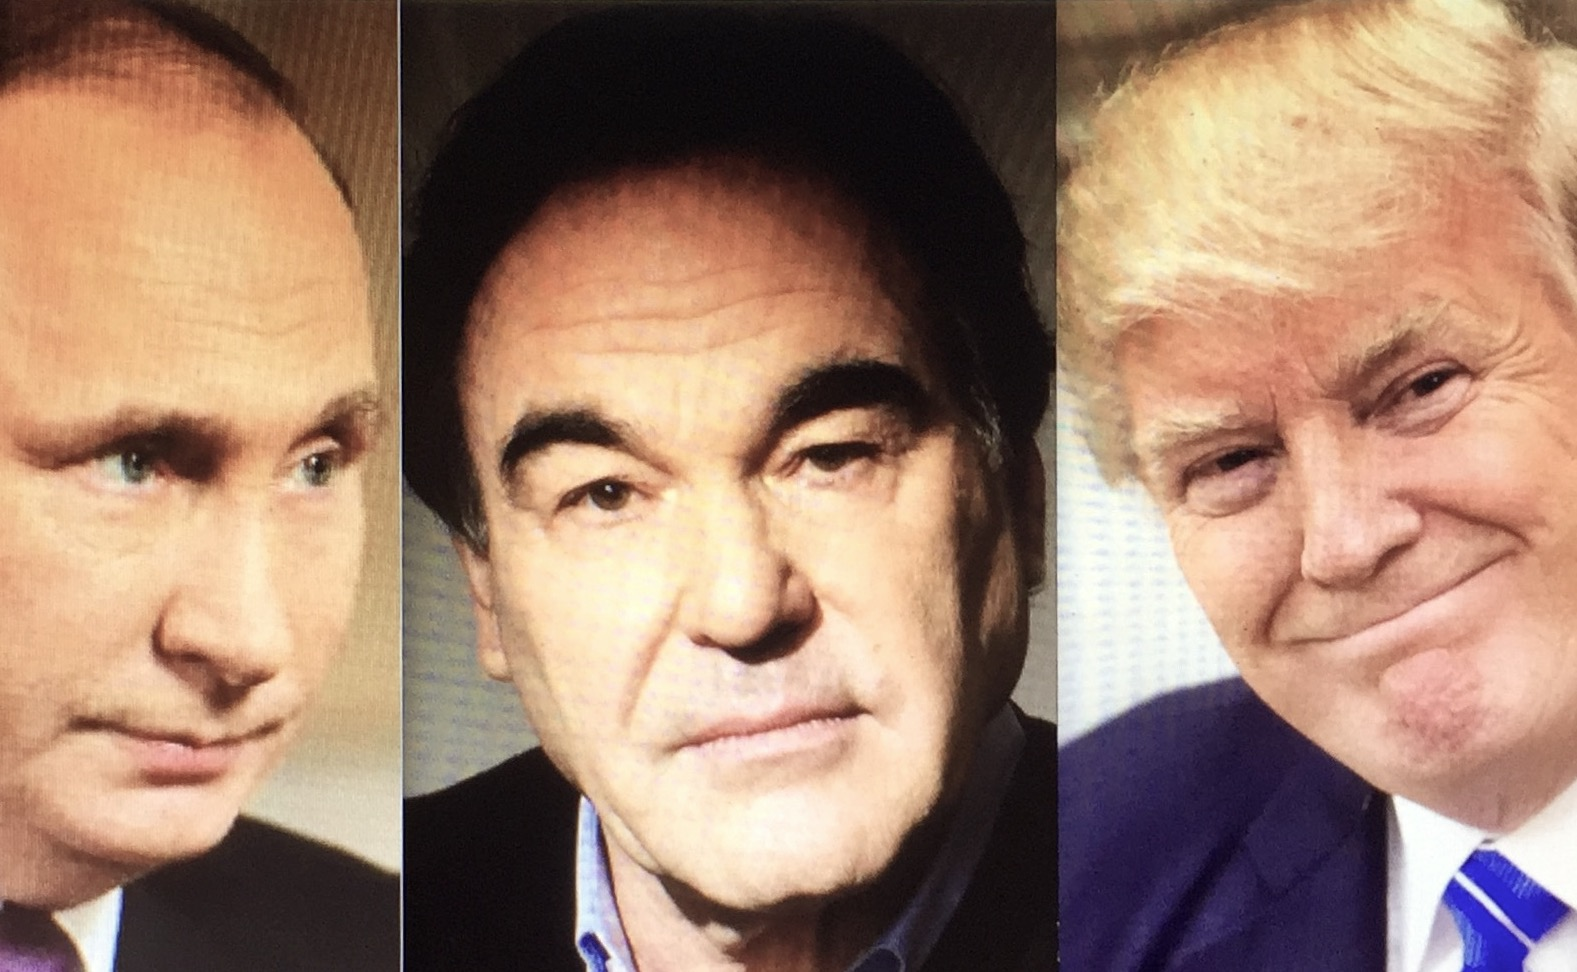 """Im Gegensatz zu Oliver Stone hat Wladimir Putin trotz Donald Trumps Hüftschuss auf Syrien eine mögliche konstruktive Gesprächsbasis und Zusammenarbeit noch nicht aufgegeben. Stone will mit seiner Doku """"Interviews mit Putin"""" den US-Amerikanern sie Sichtweise des russischen Präsidenten näherbringen."""